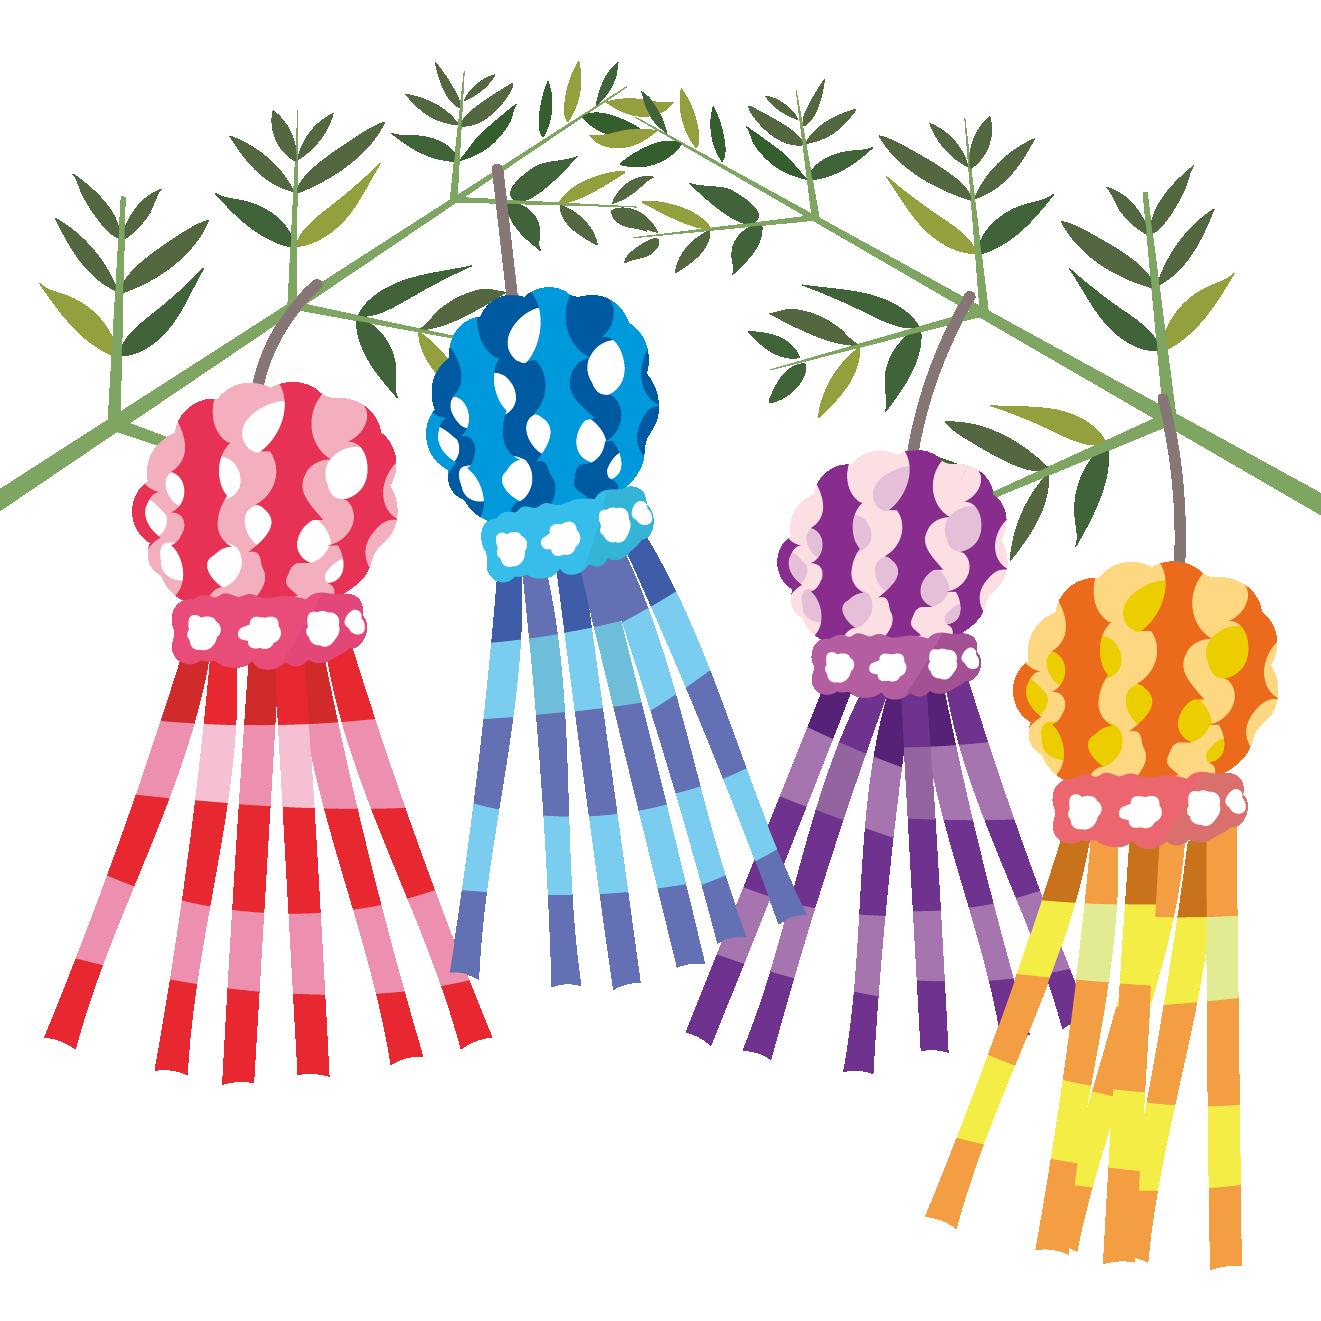 かわいい七夕祭りたなばたまつりの飾り七夕飾りのイラスト